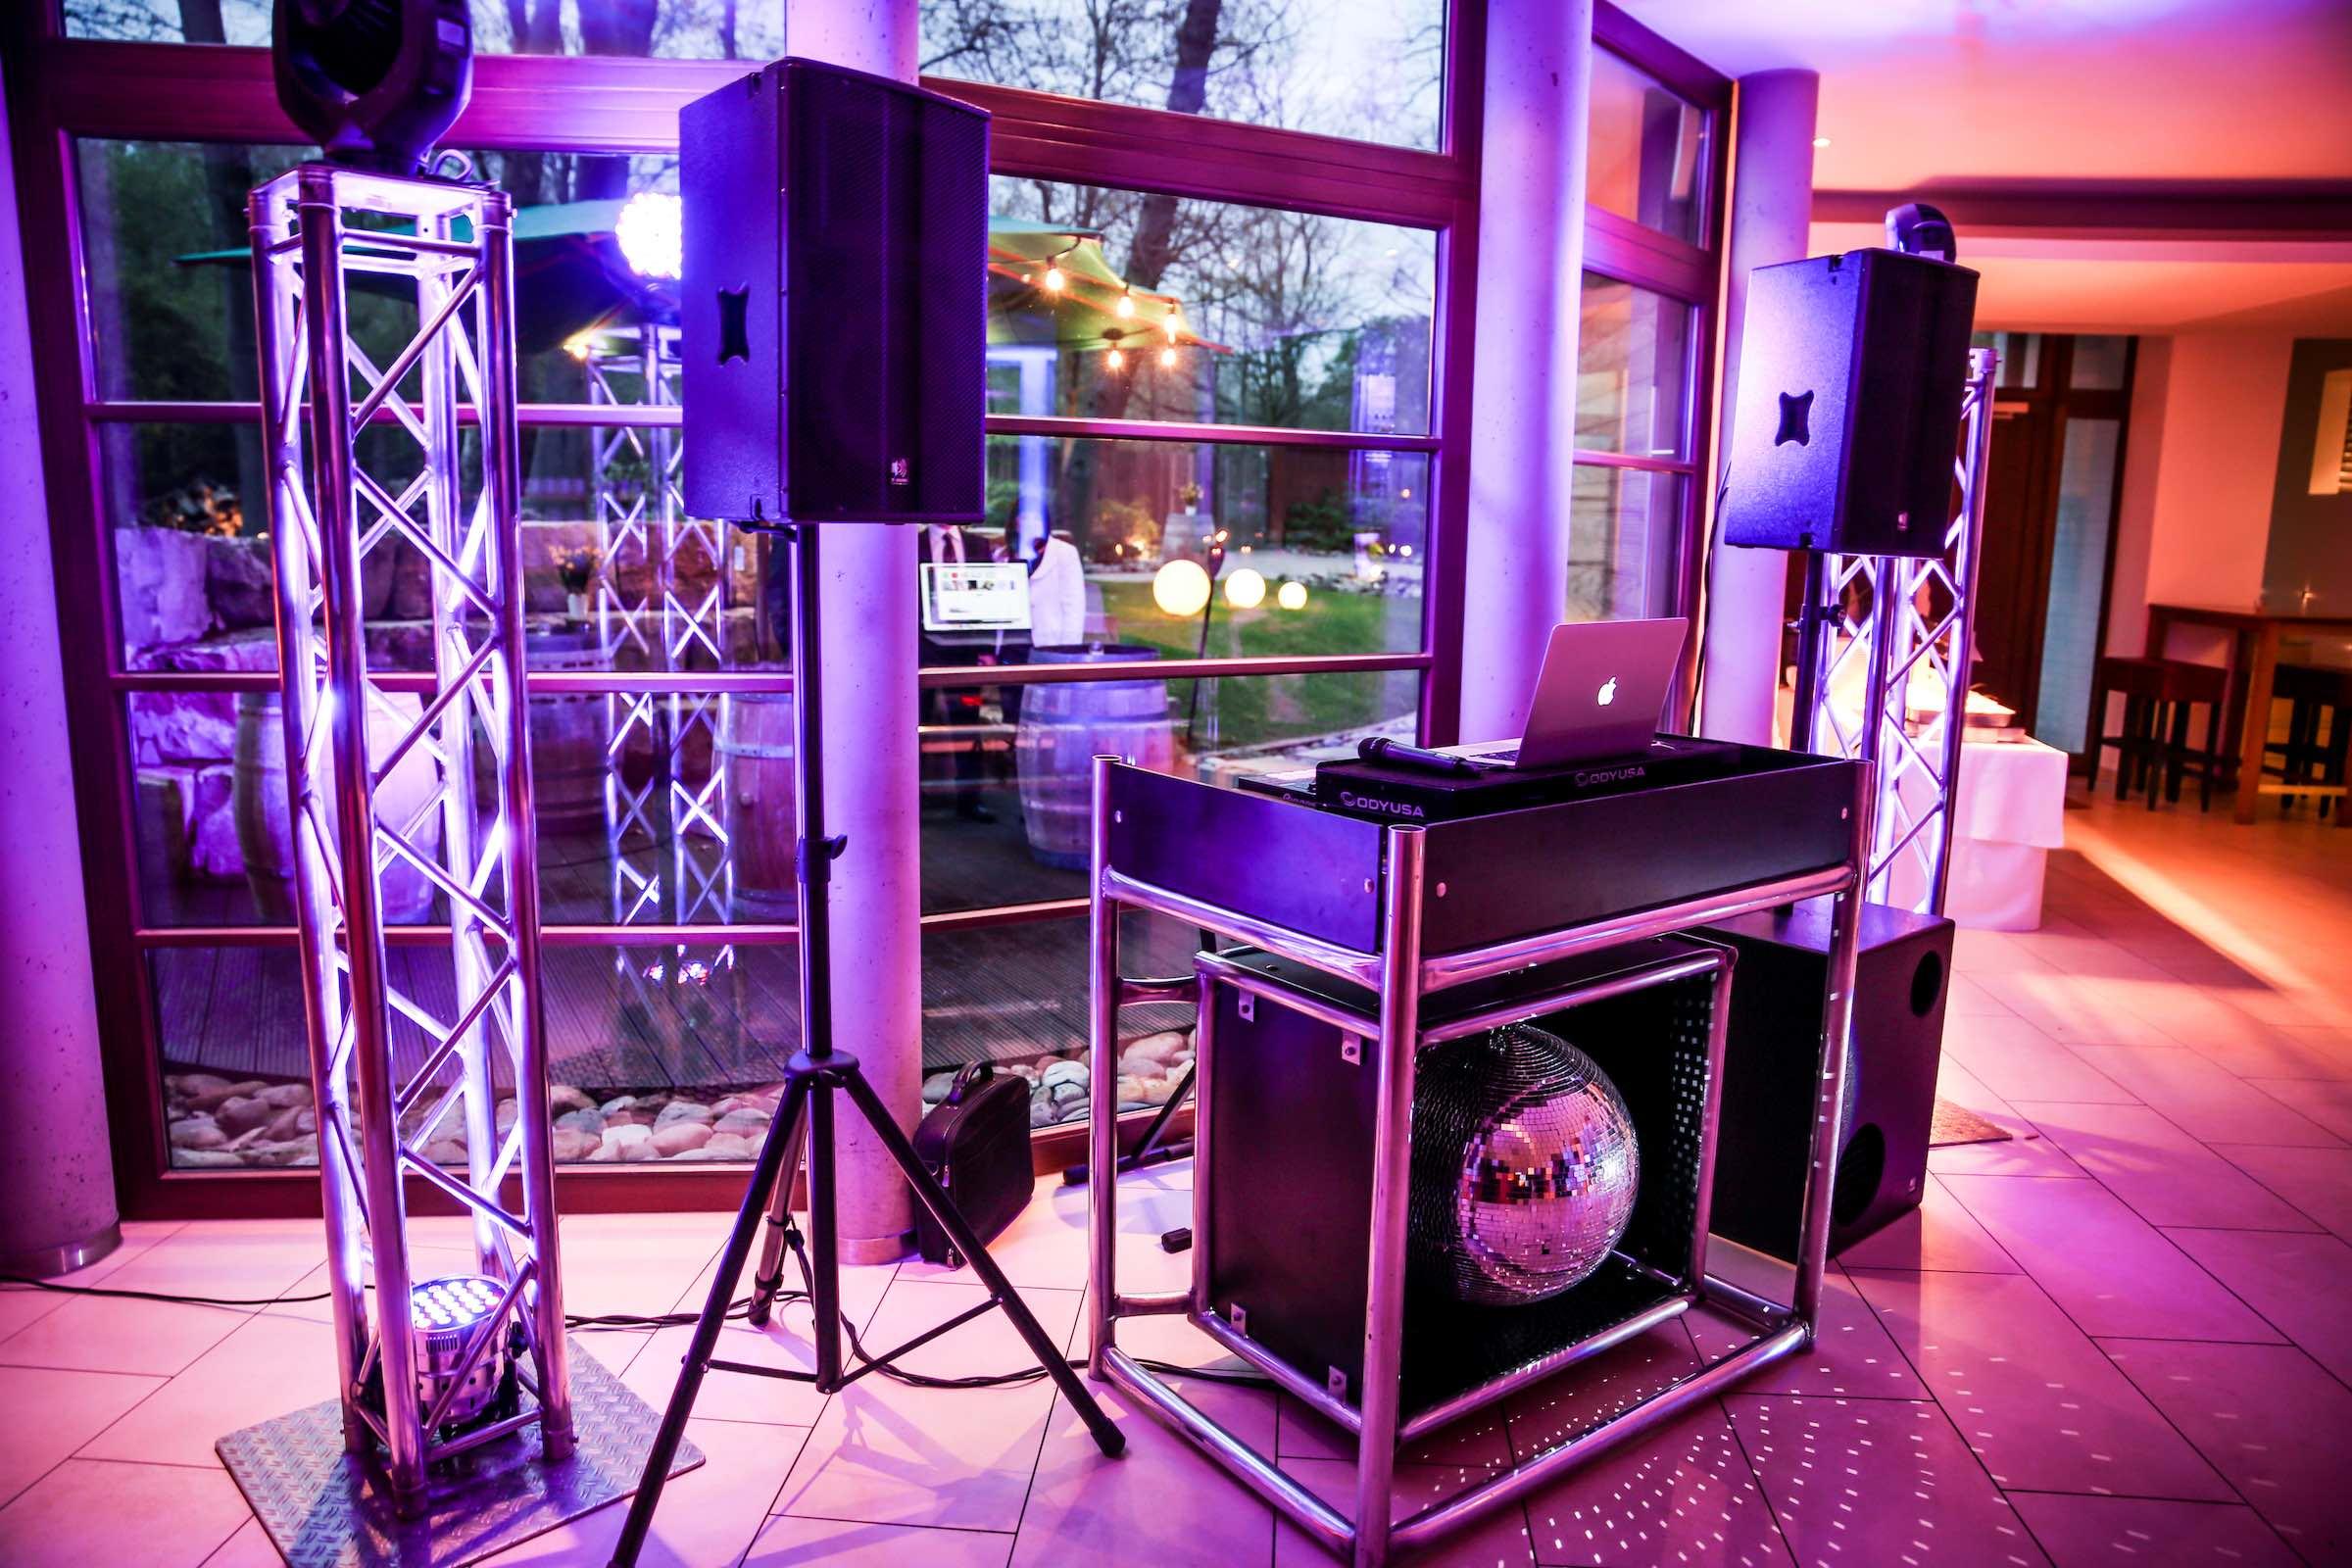 Landhaus   am   See   Hannover   Seehof   DJ   Technik   DJ   Agentur   DJ   Service   DJ   Buchen   DJ   Hochzeit   DJ   Mieten   Fotobox   Hannover   Lehmann   Eventservice